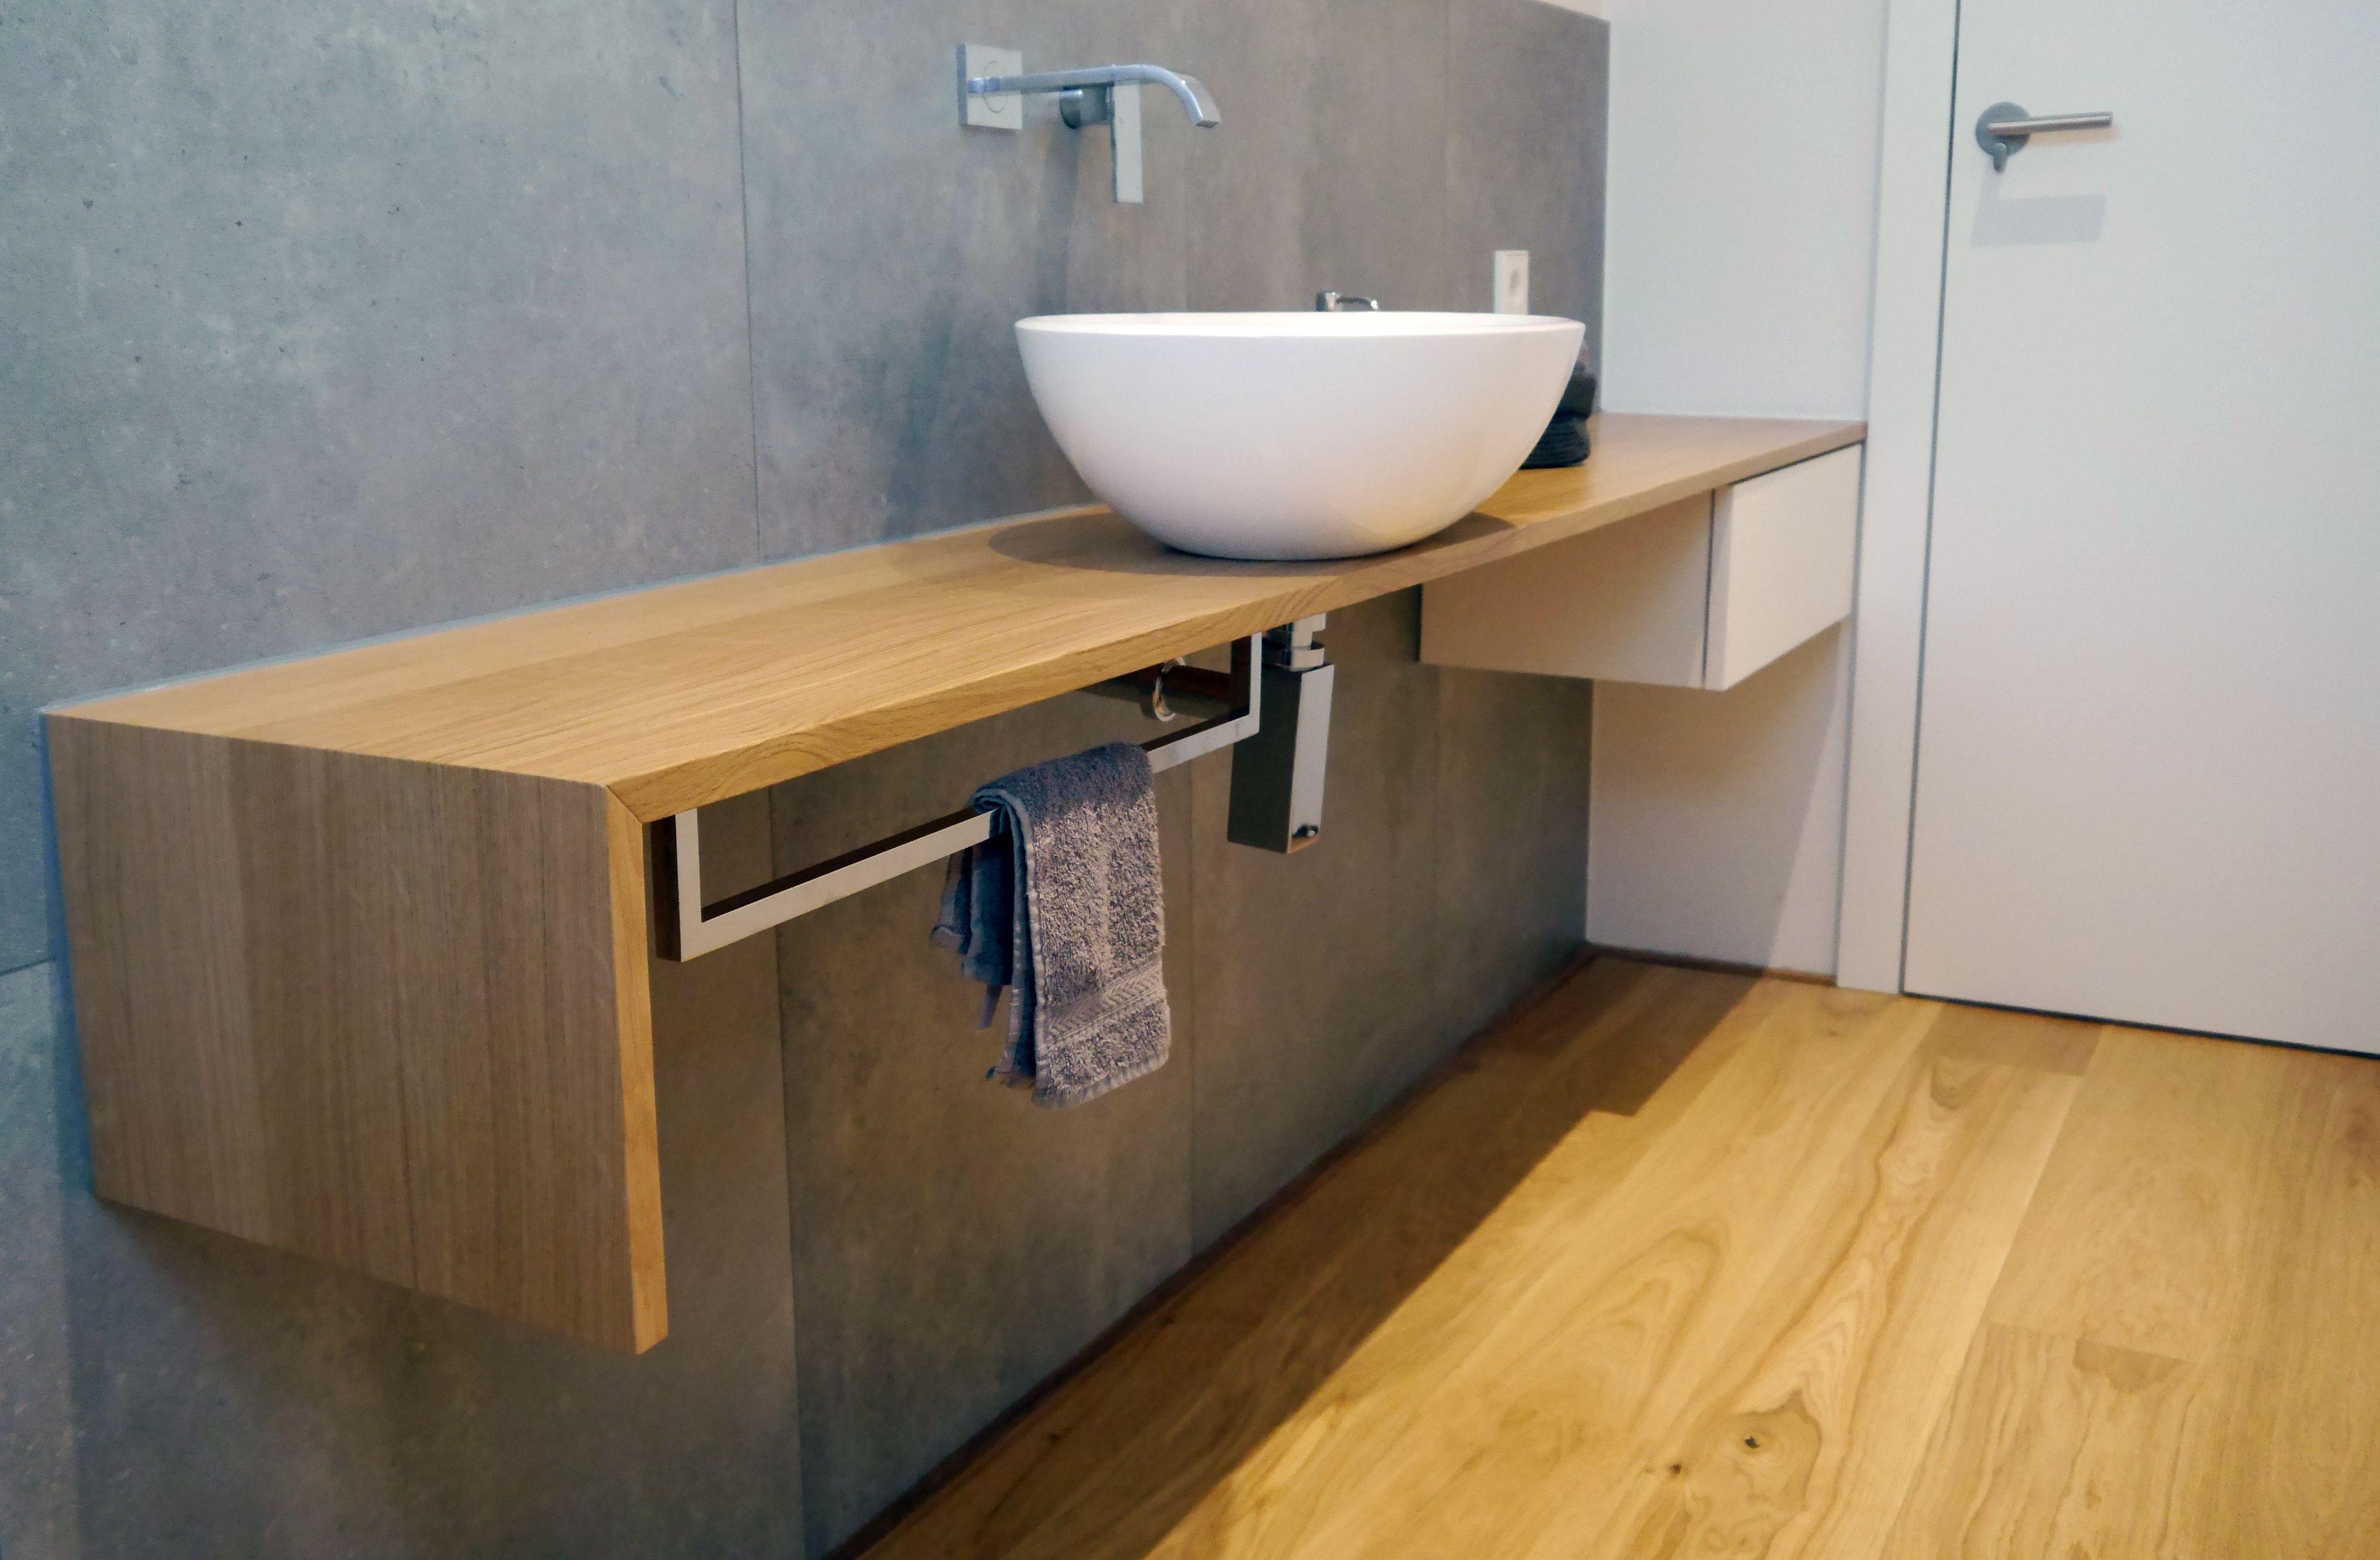 Waschtisch Mit Designwaschbecken Waschtisch Badezimmer Waschtische Badezimmer